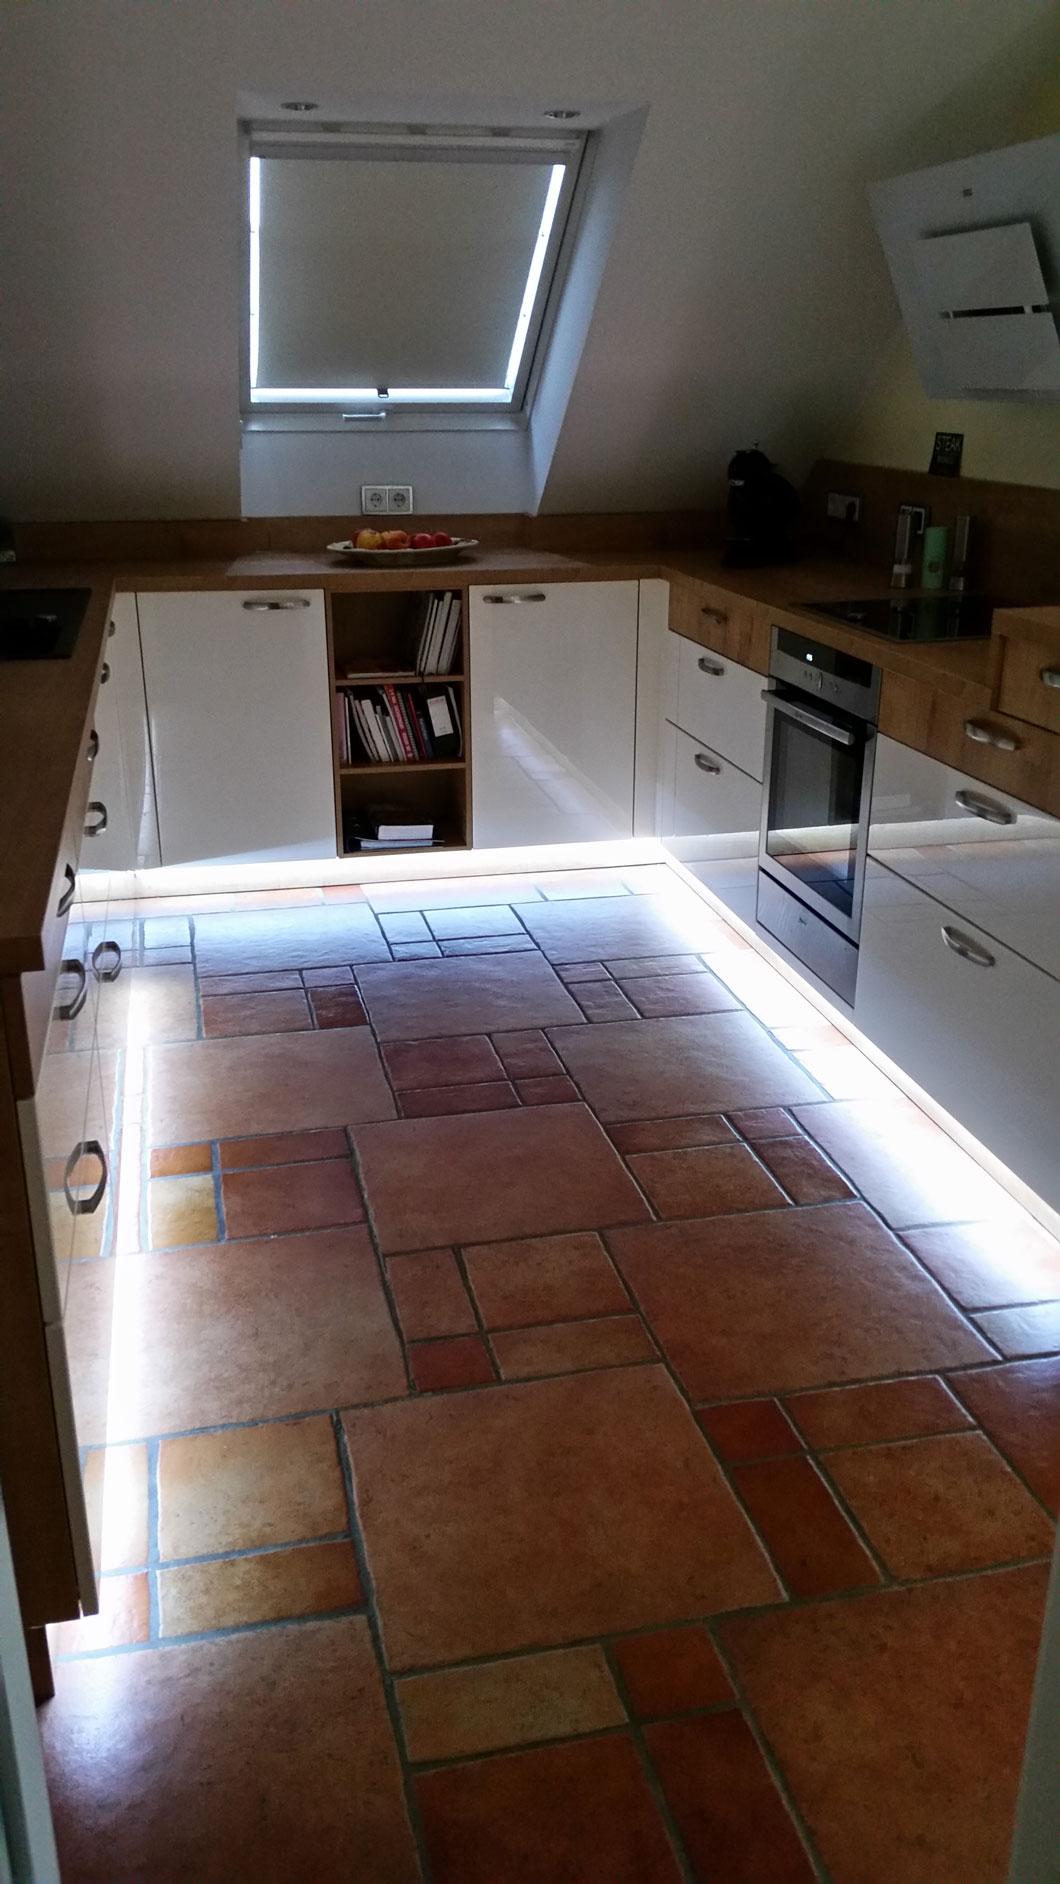 Küchenunterflurbeleuchtung